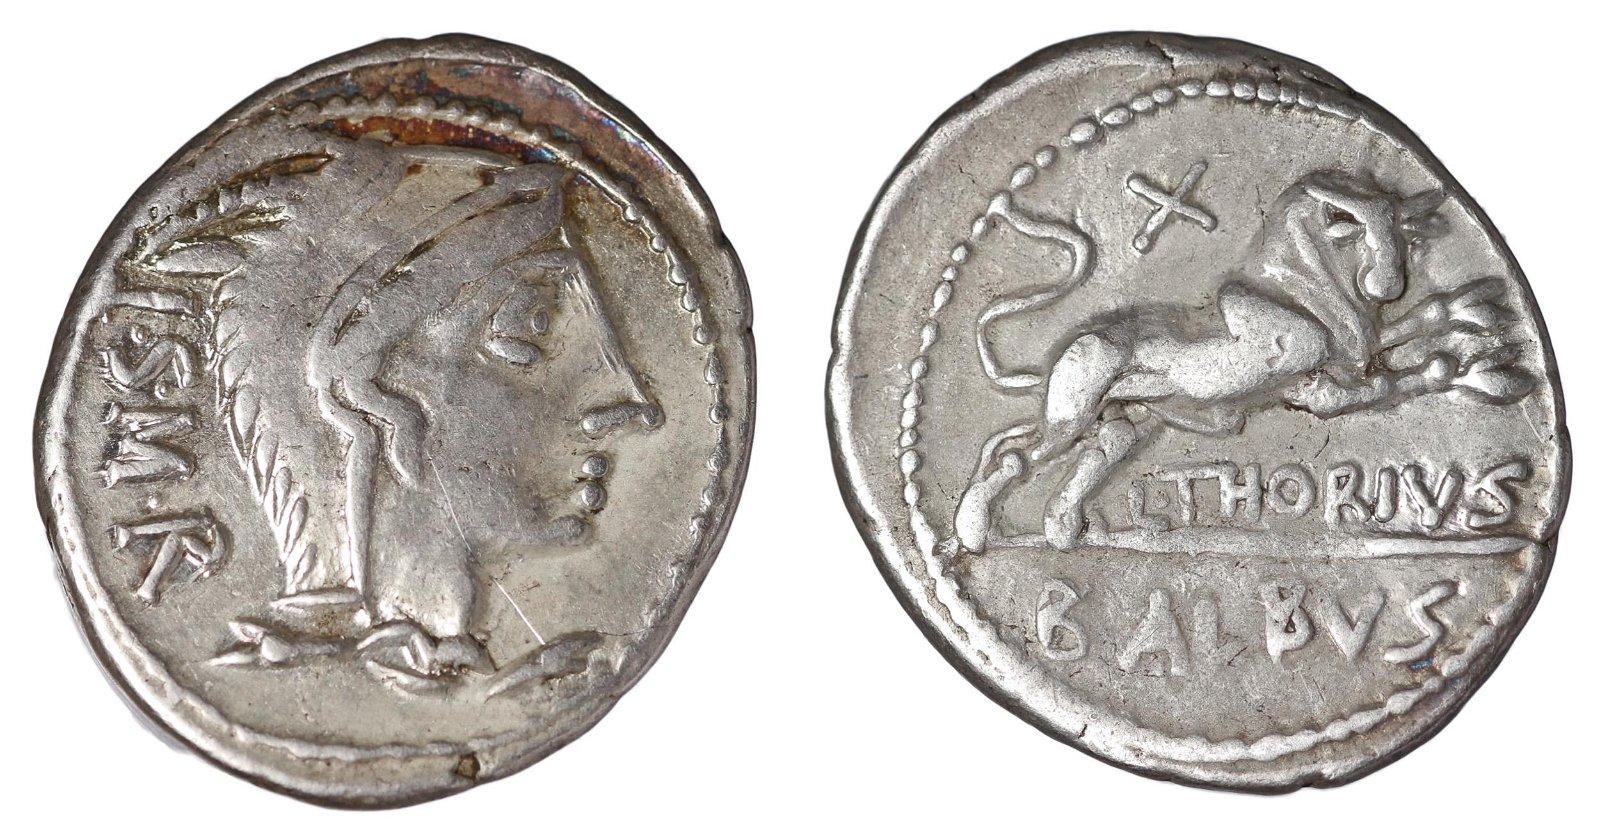 Thorius Balbus 105 BC Silver Denarius Roman Republic